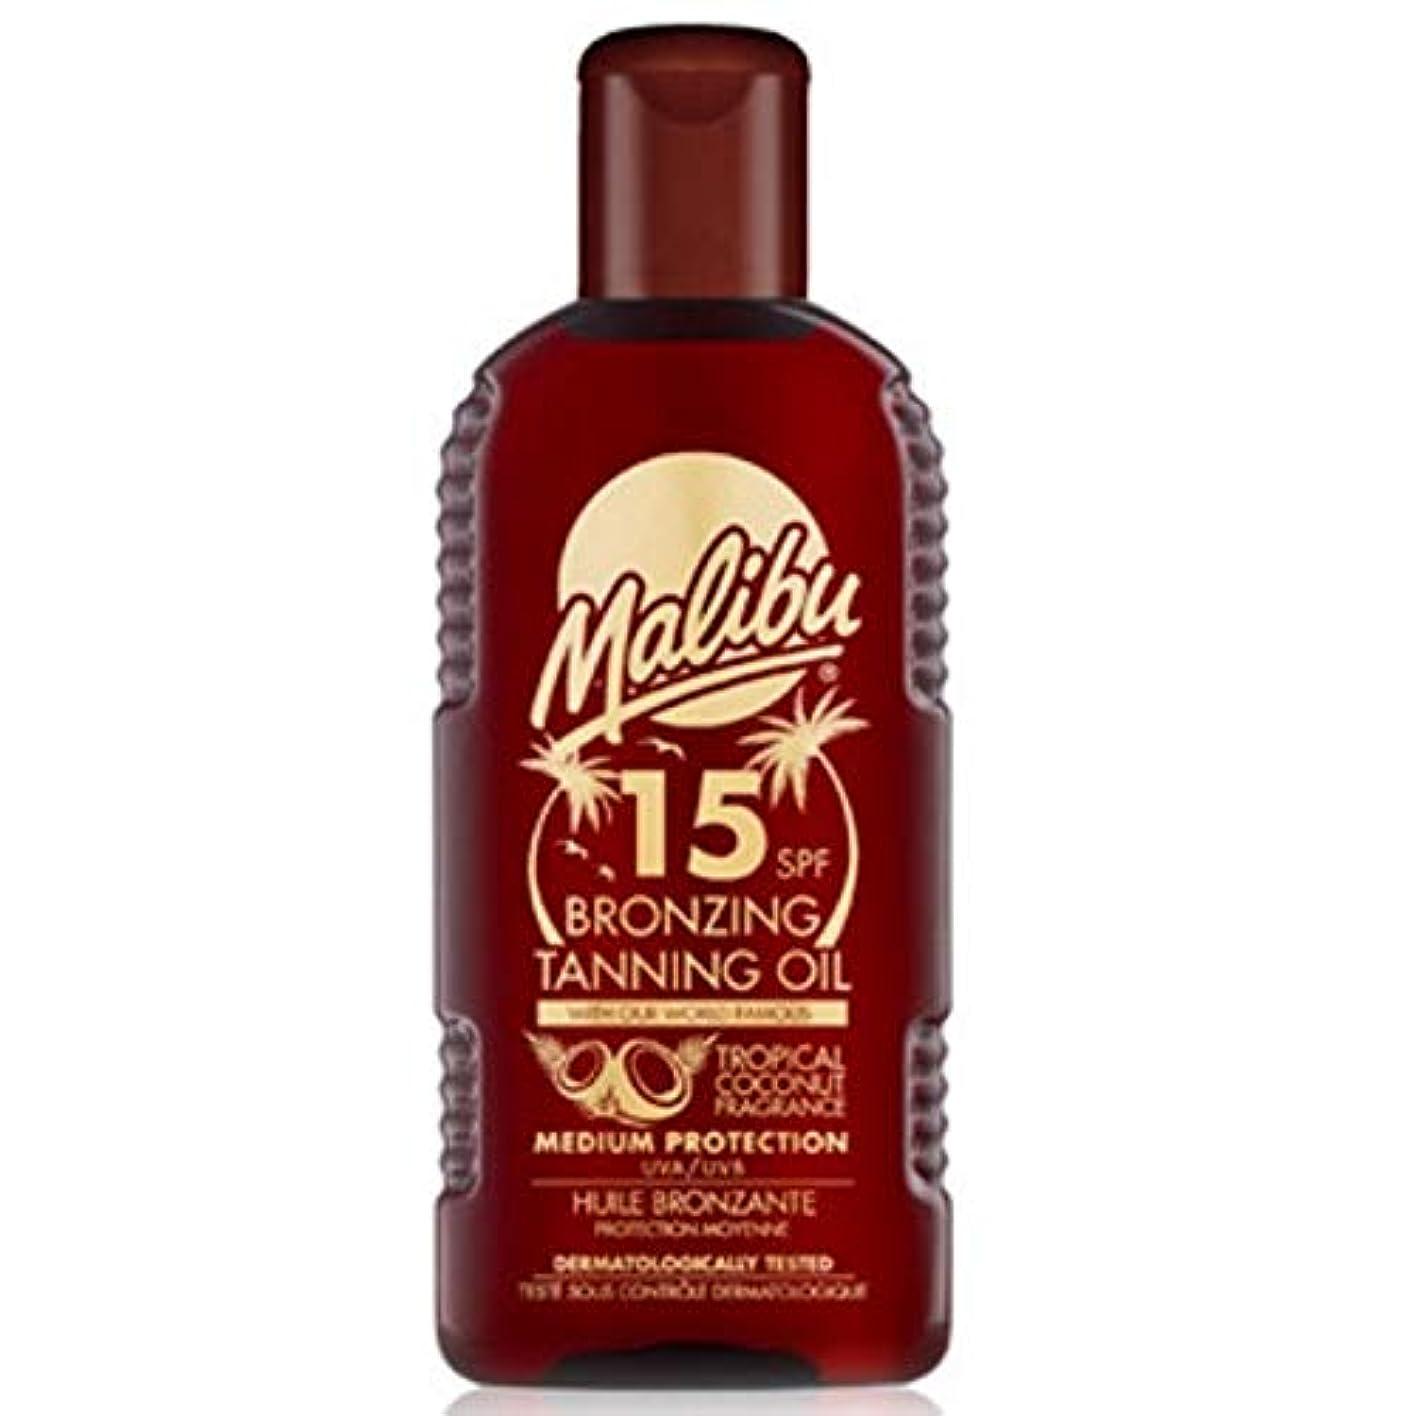 自転車風景有料[Malibu ] マリブブロンズ日焼けオイルSpf 15 - Malibu Bronzing Tanning Oil SPF 15 [並行輸入品]